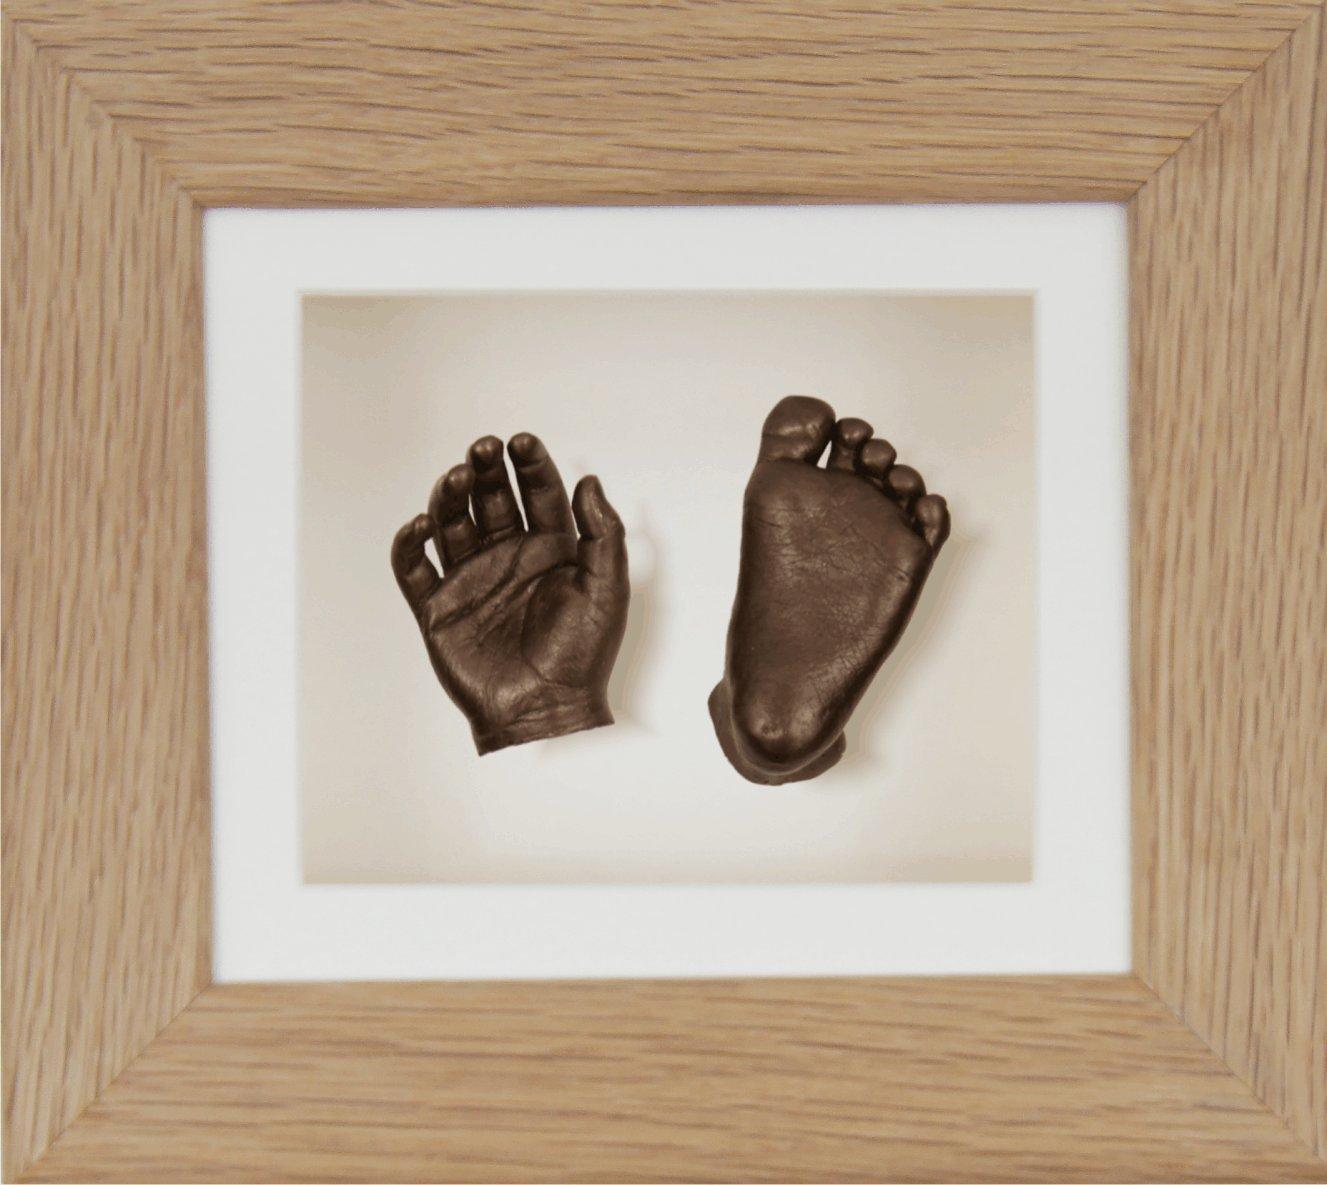 BabyRice Guss-Set für Baby - mit 15 x 12 -5 cm 3D-Box - aus Eiche - bronzefarbene Farbe - Creme